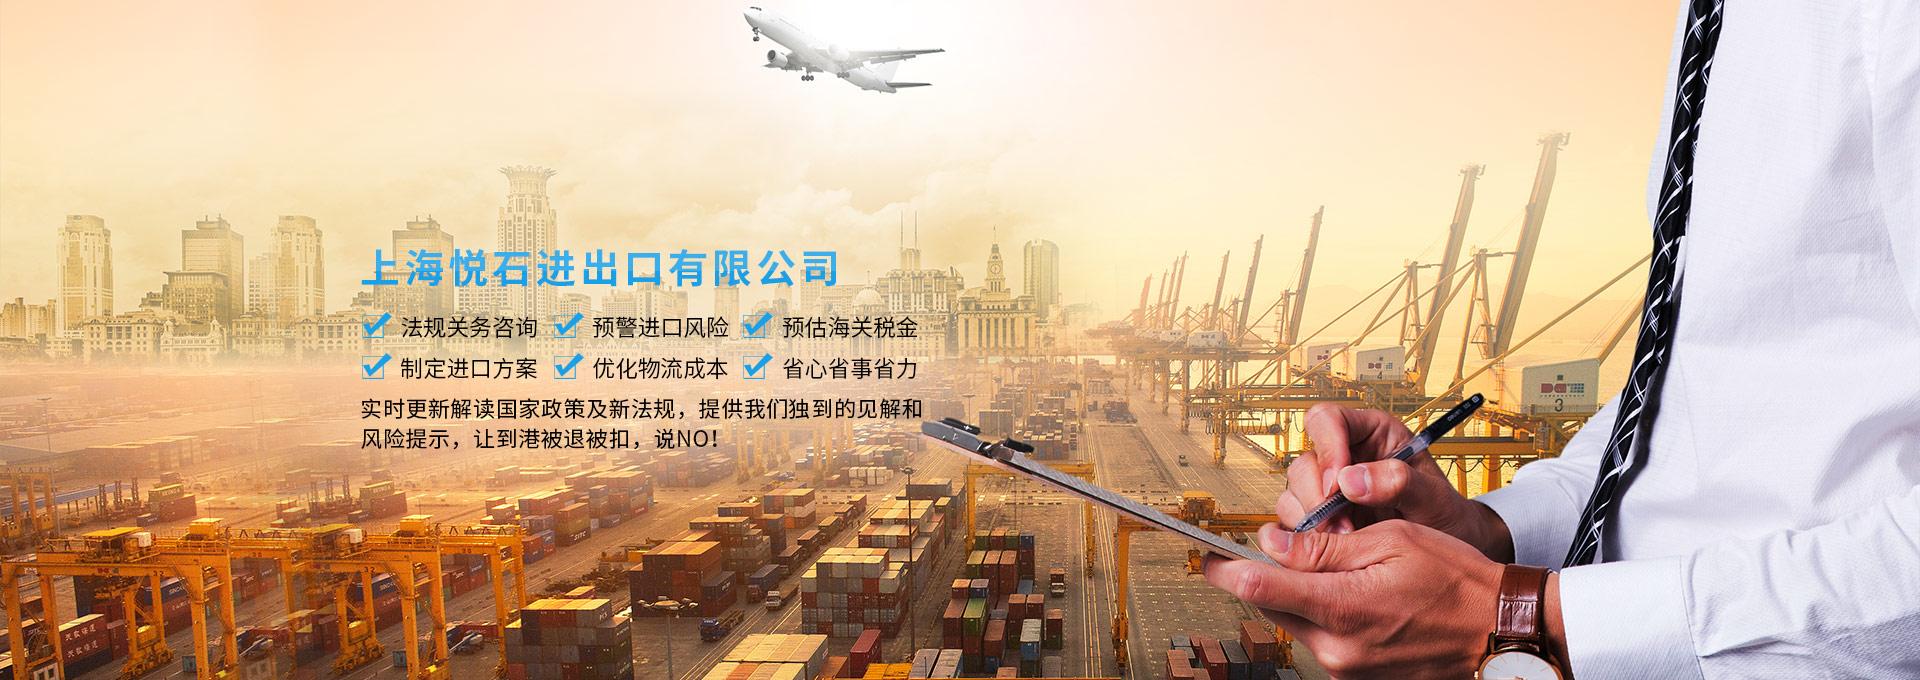 上海进出口公司